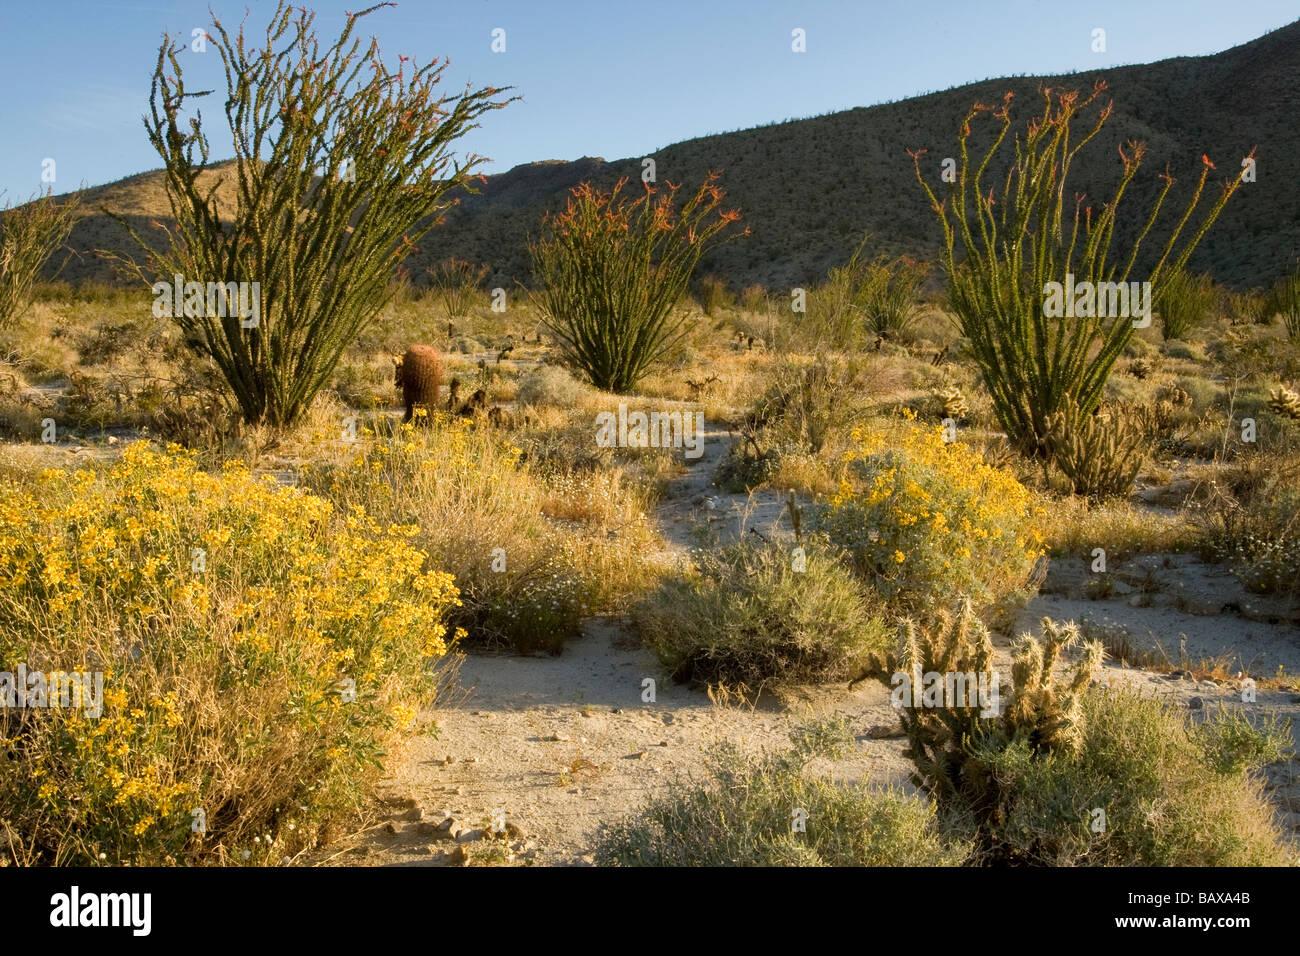 Anza Borrego Desert - Stock Image